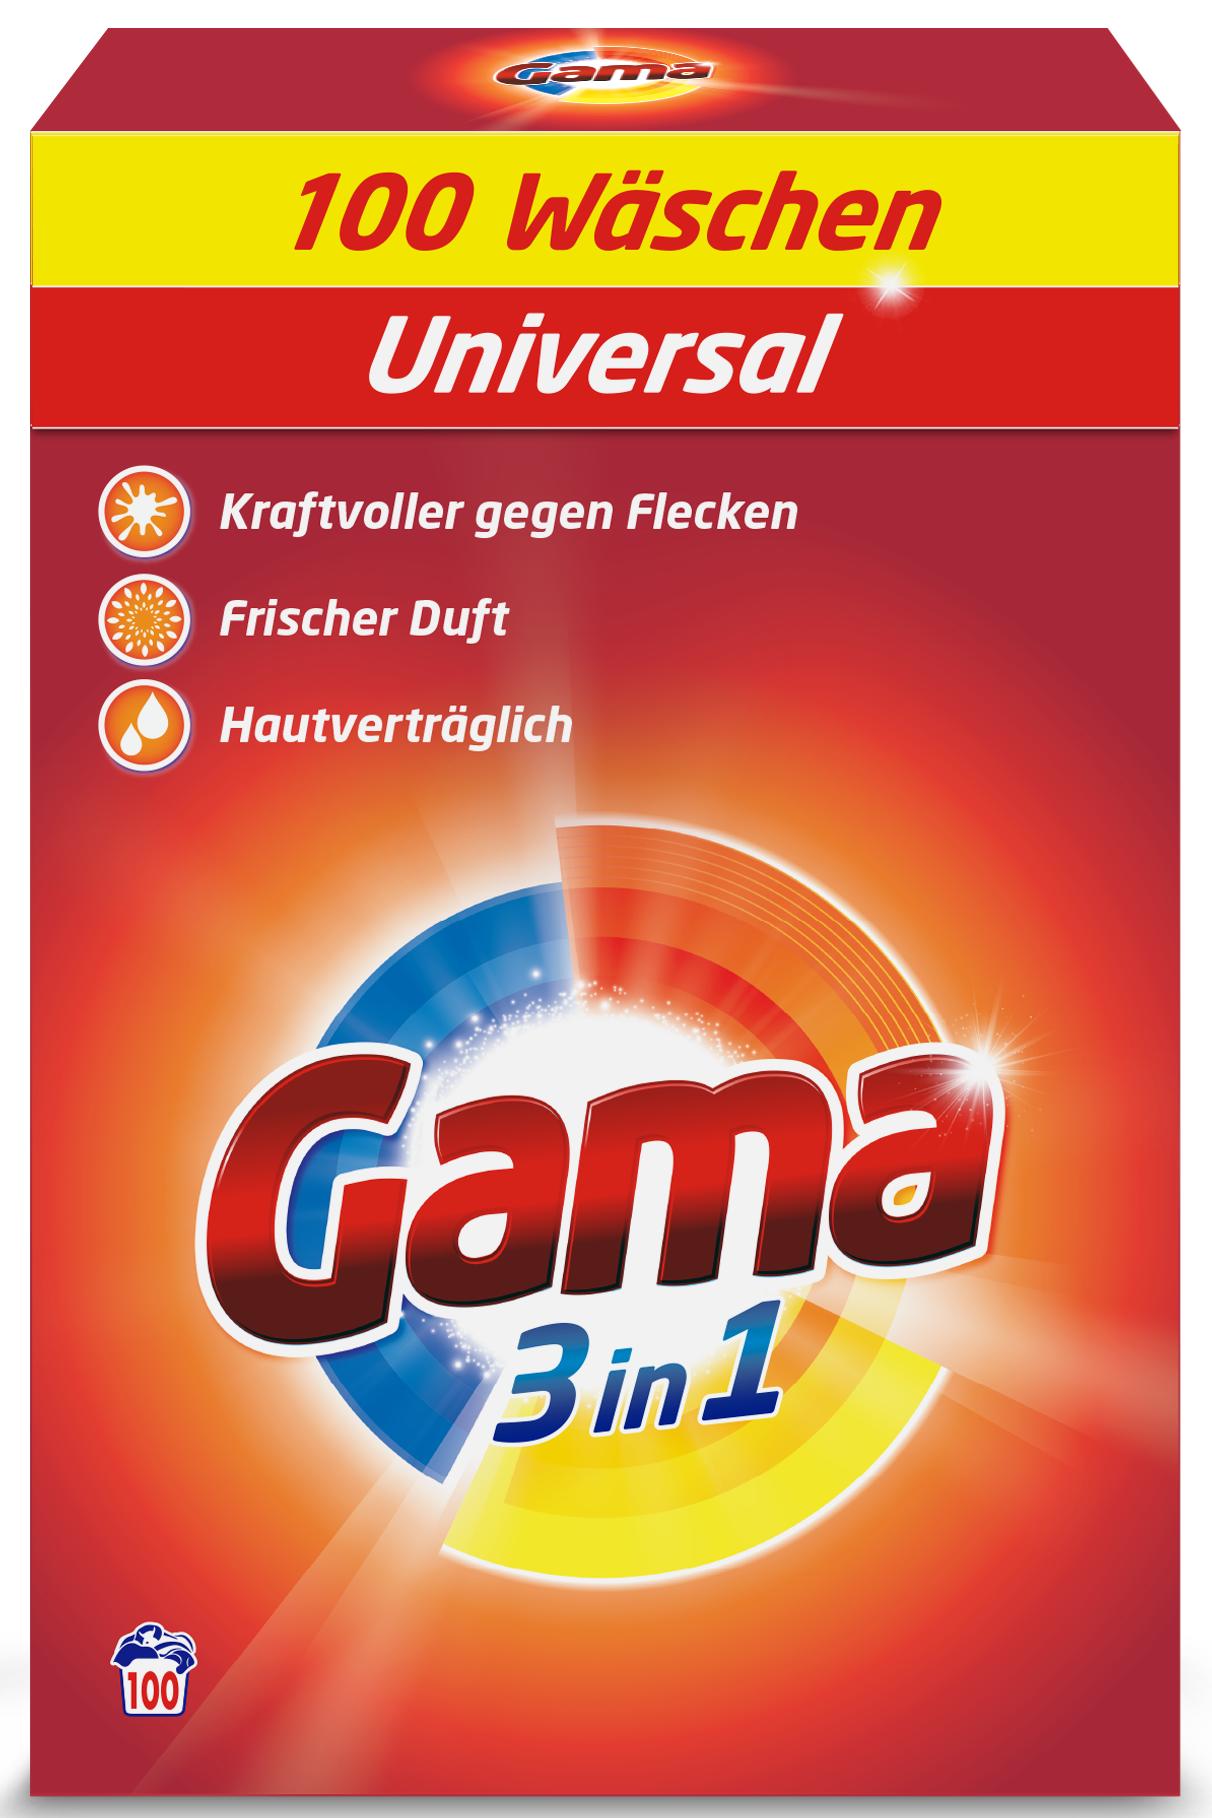 Пральний порошок Gama 3в1 100 прань 6,5 кг